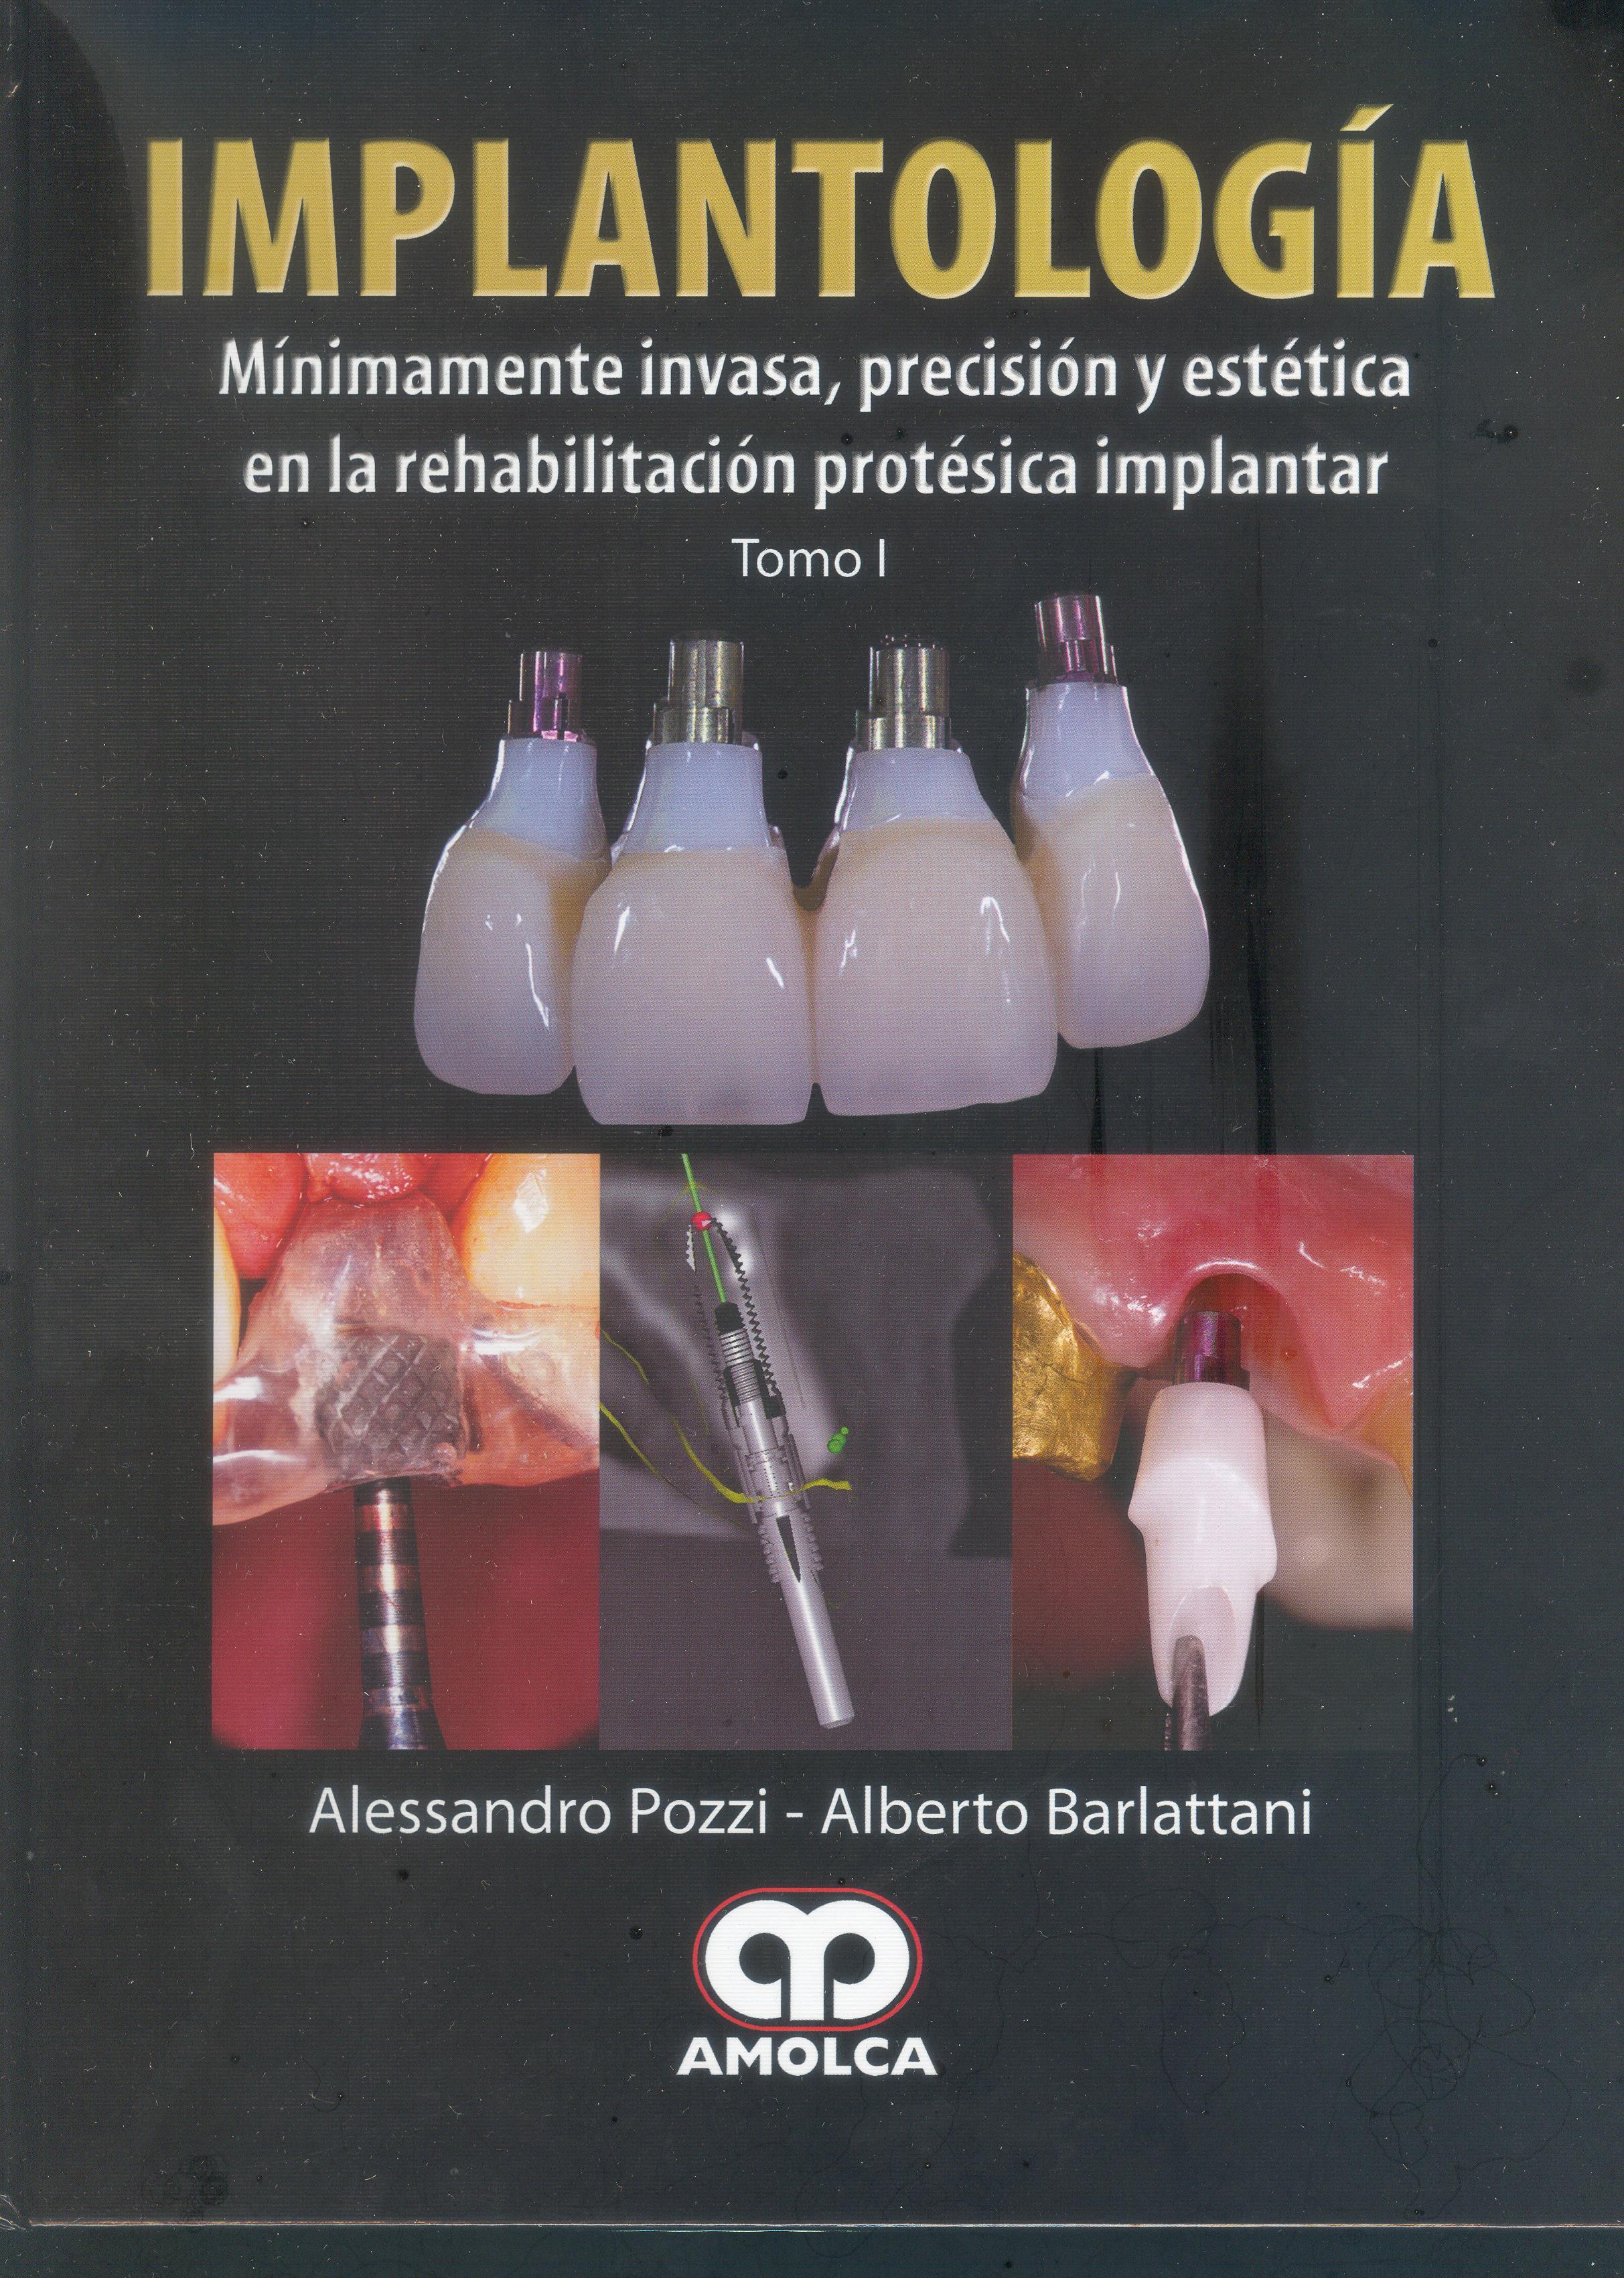 Biblioteca de la Facultad de Odontología   recursos, noticias y eventos